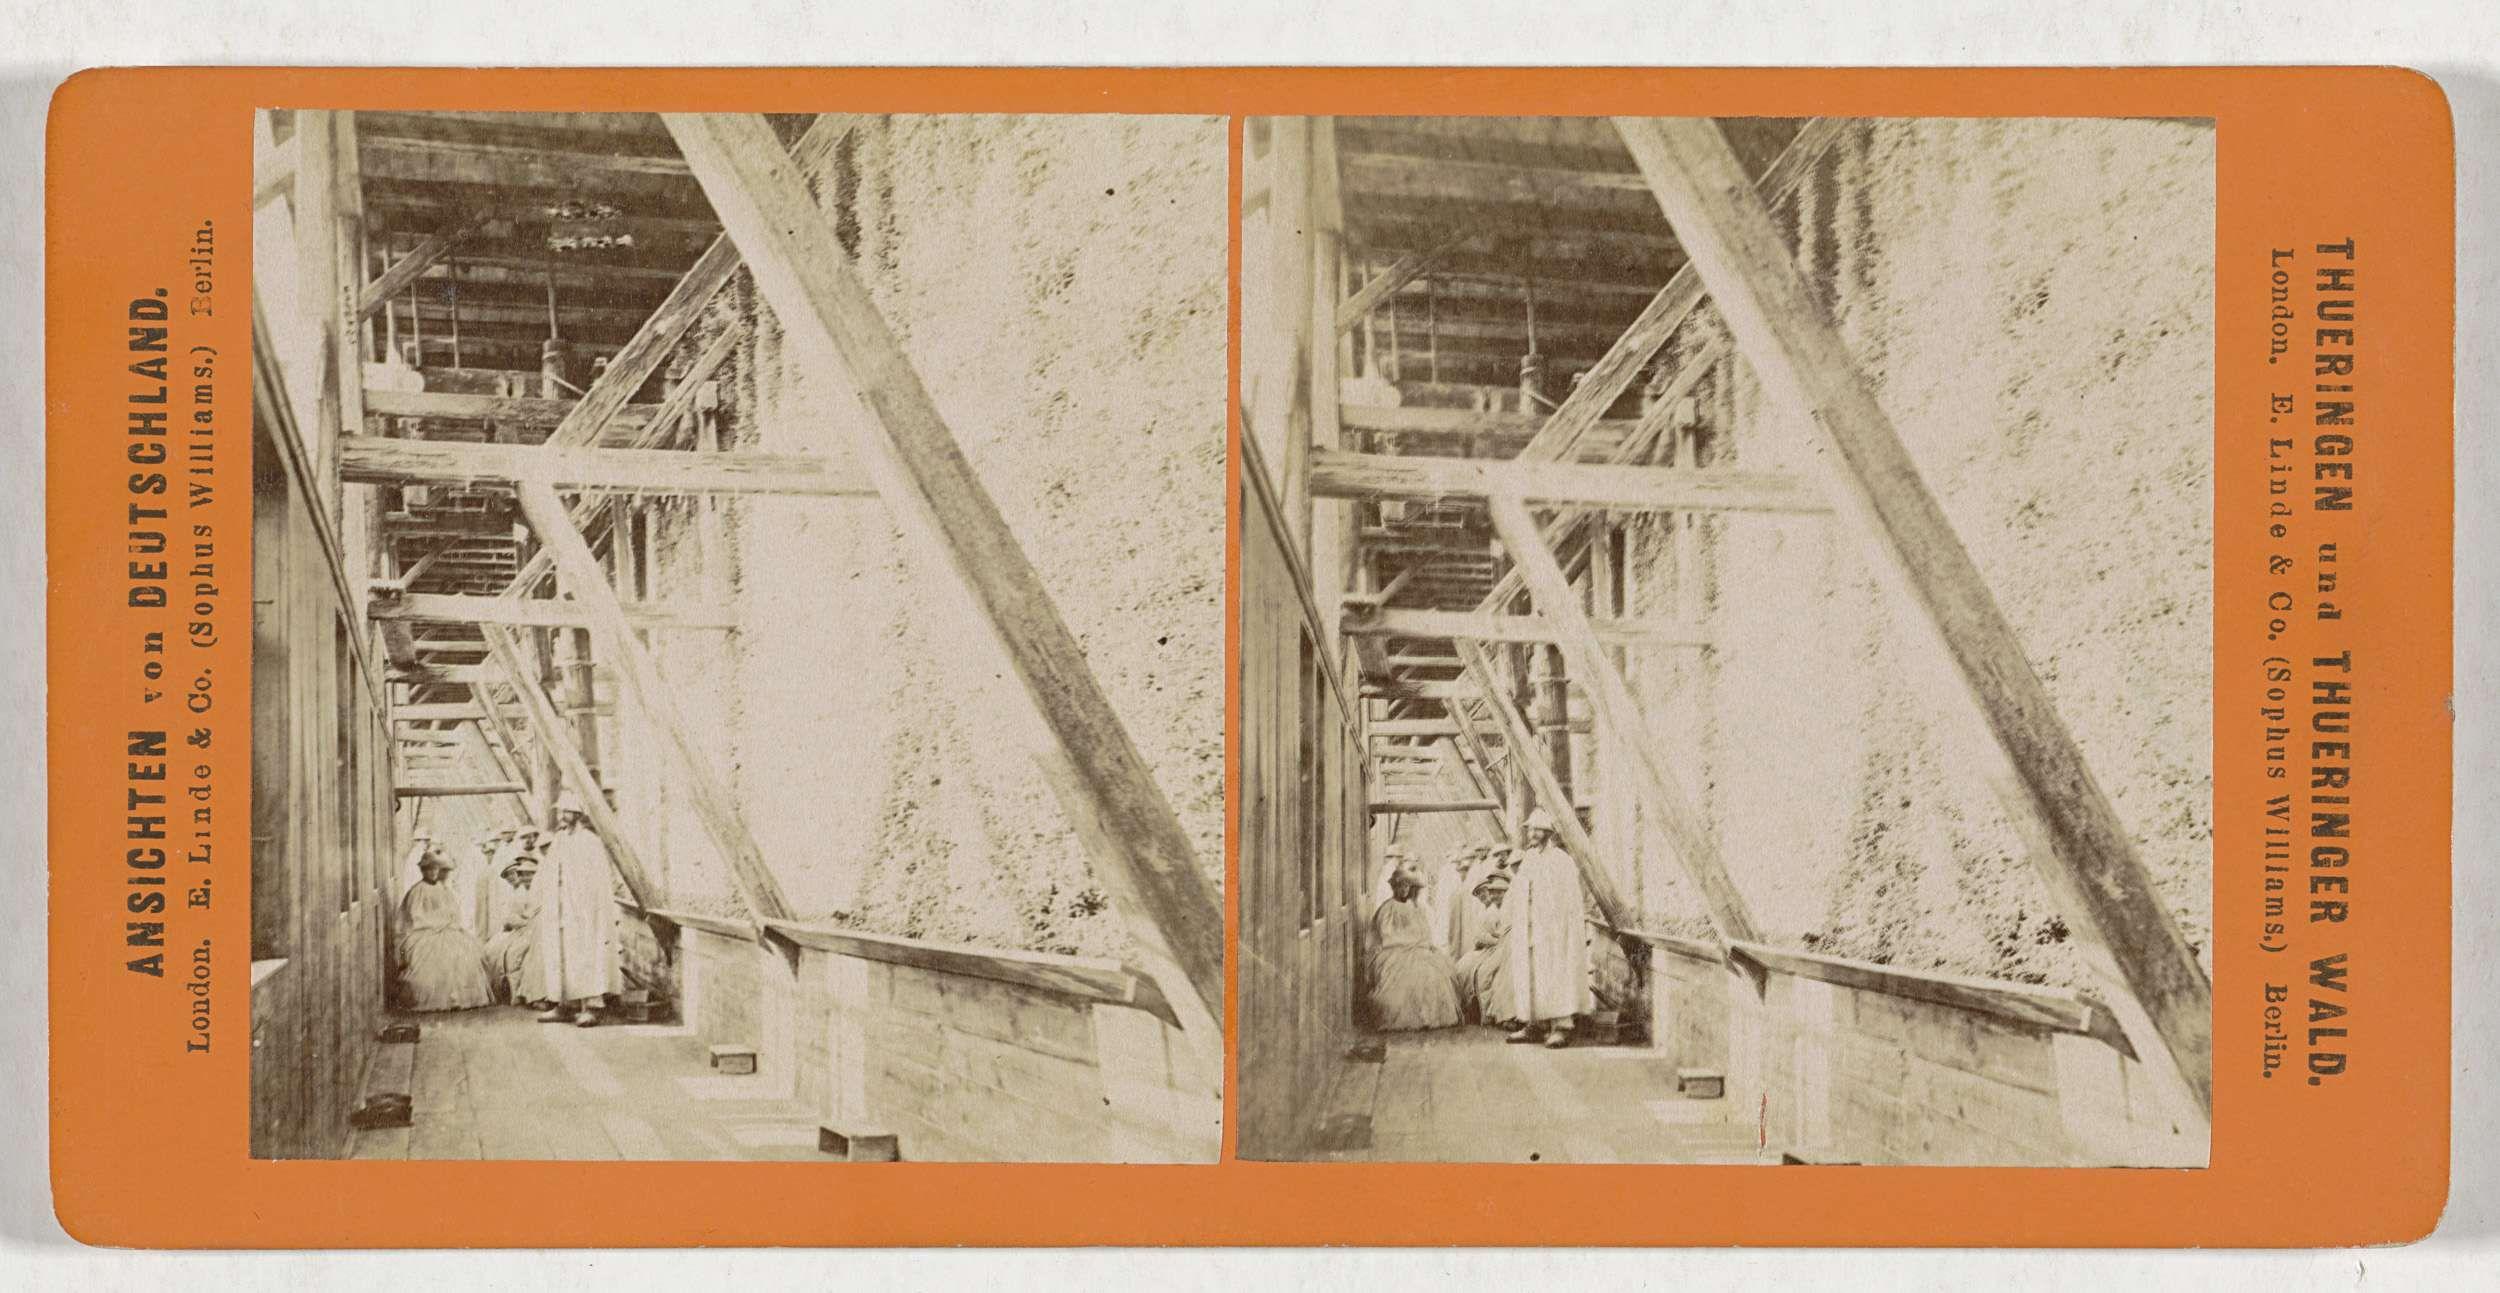 Sophus Williams & E. Linde & Co. | Salzungen, Gradirgang (Morgenseite), Sophus Williams & E. Linde & Co., 1860 - 1890 |